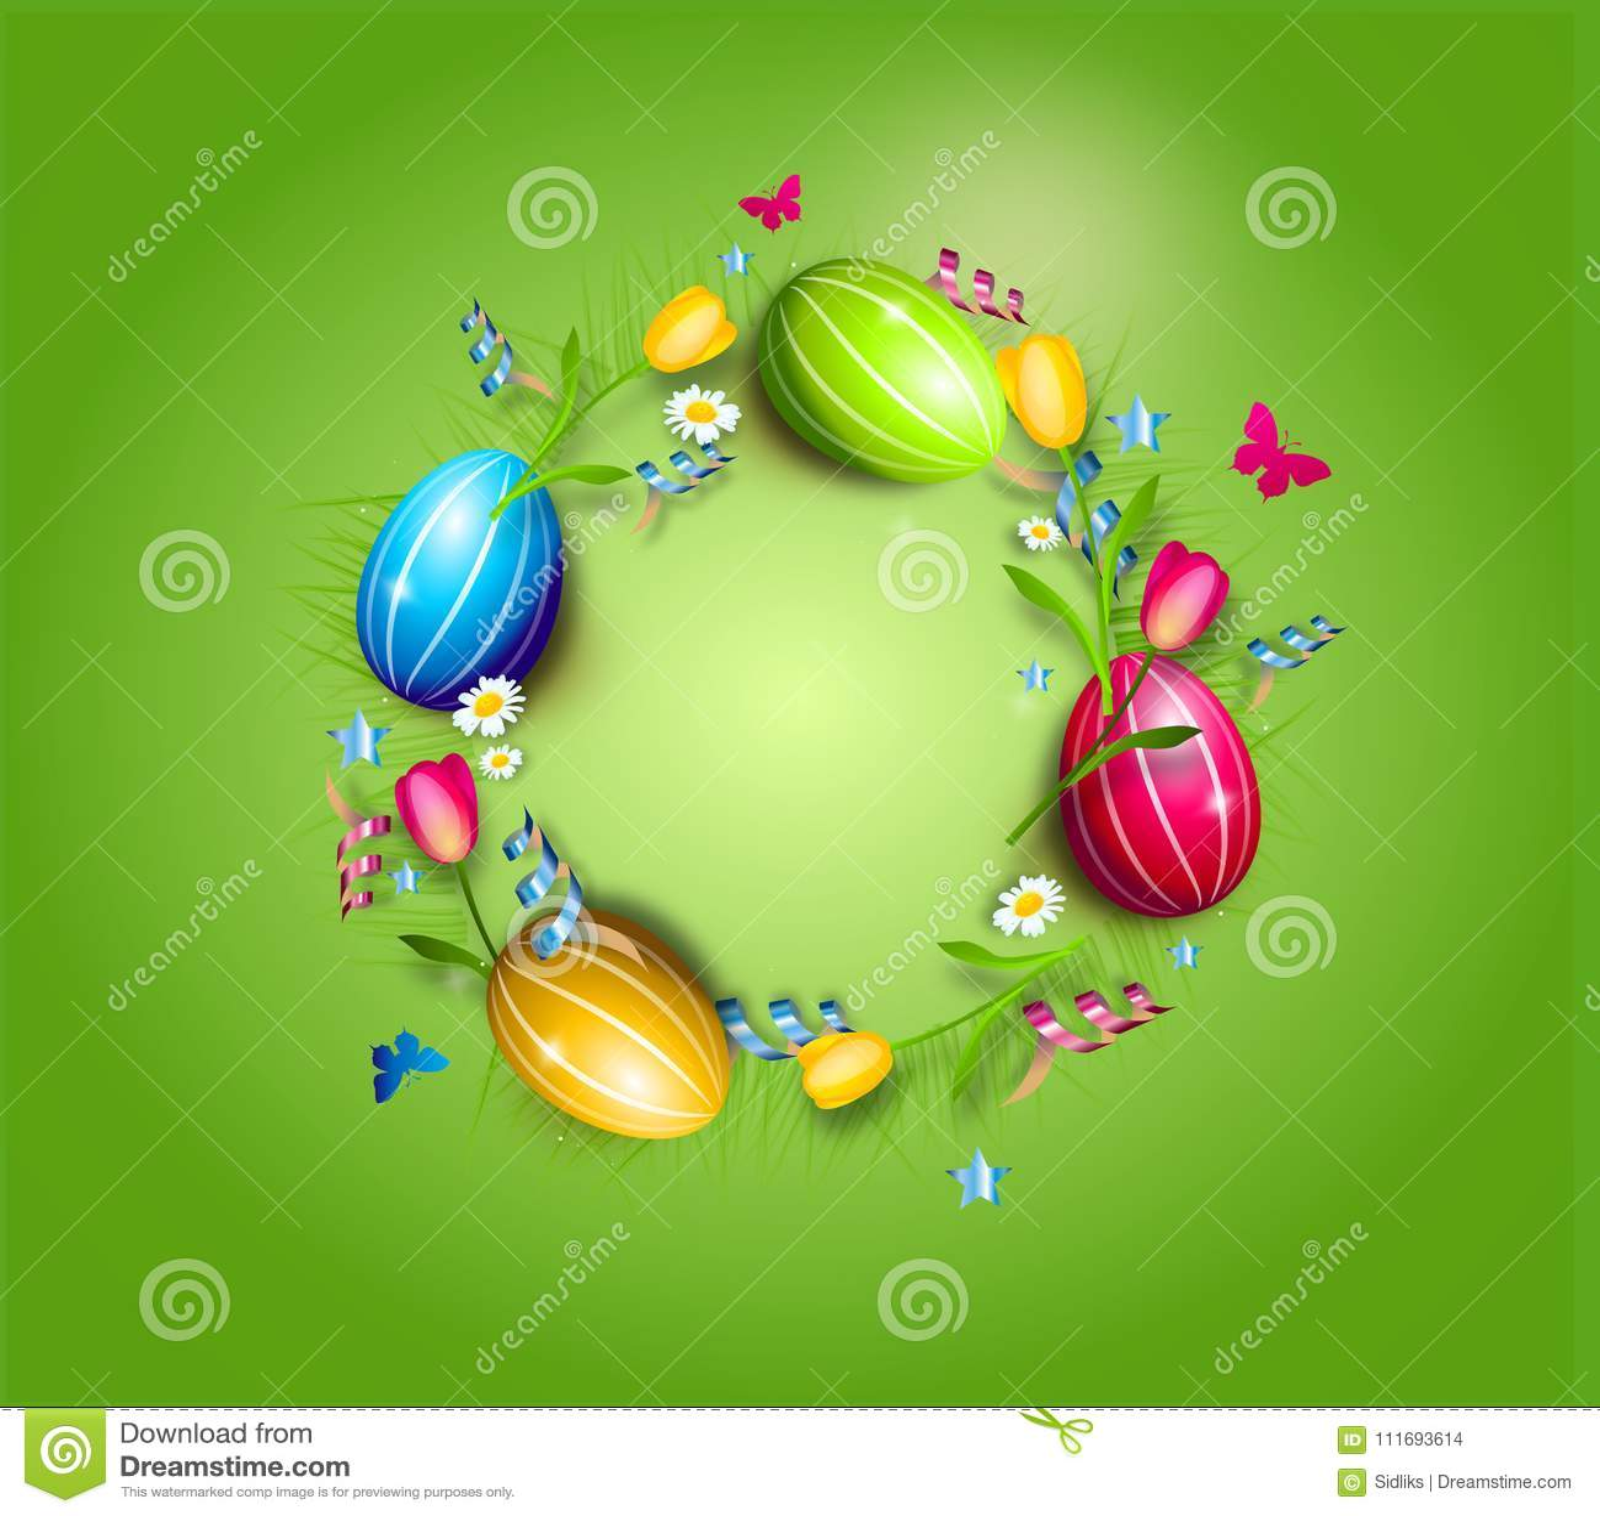 复活节彩蛋圈子背景